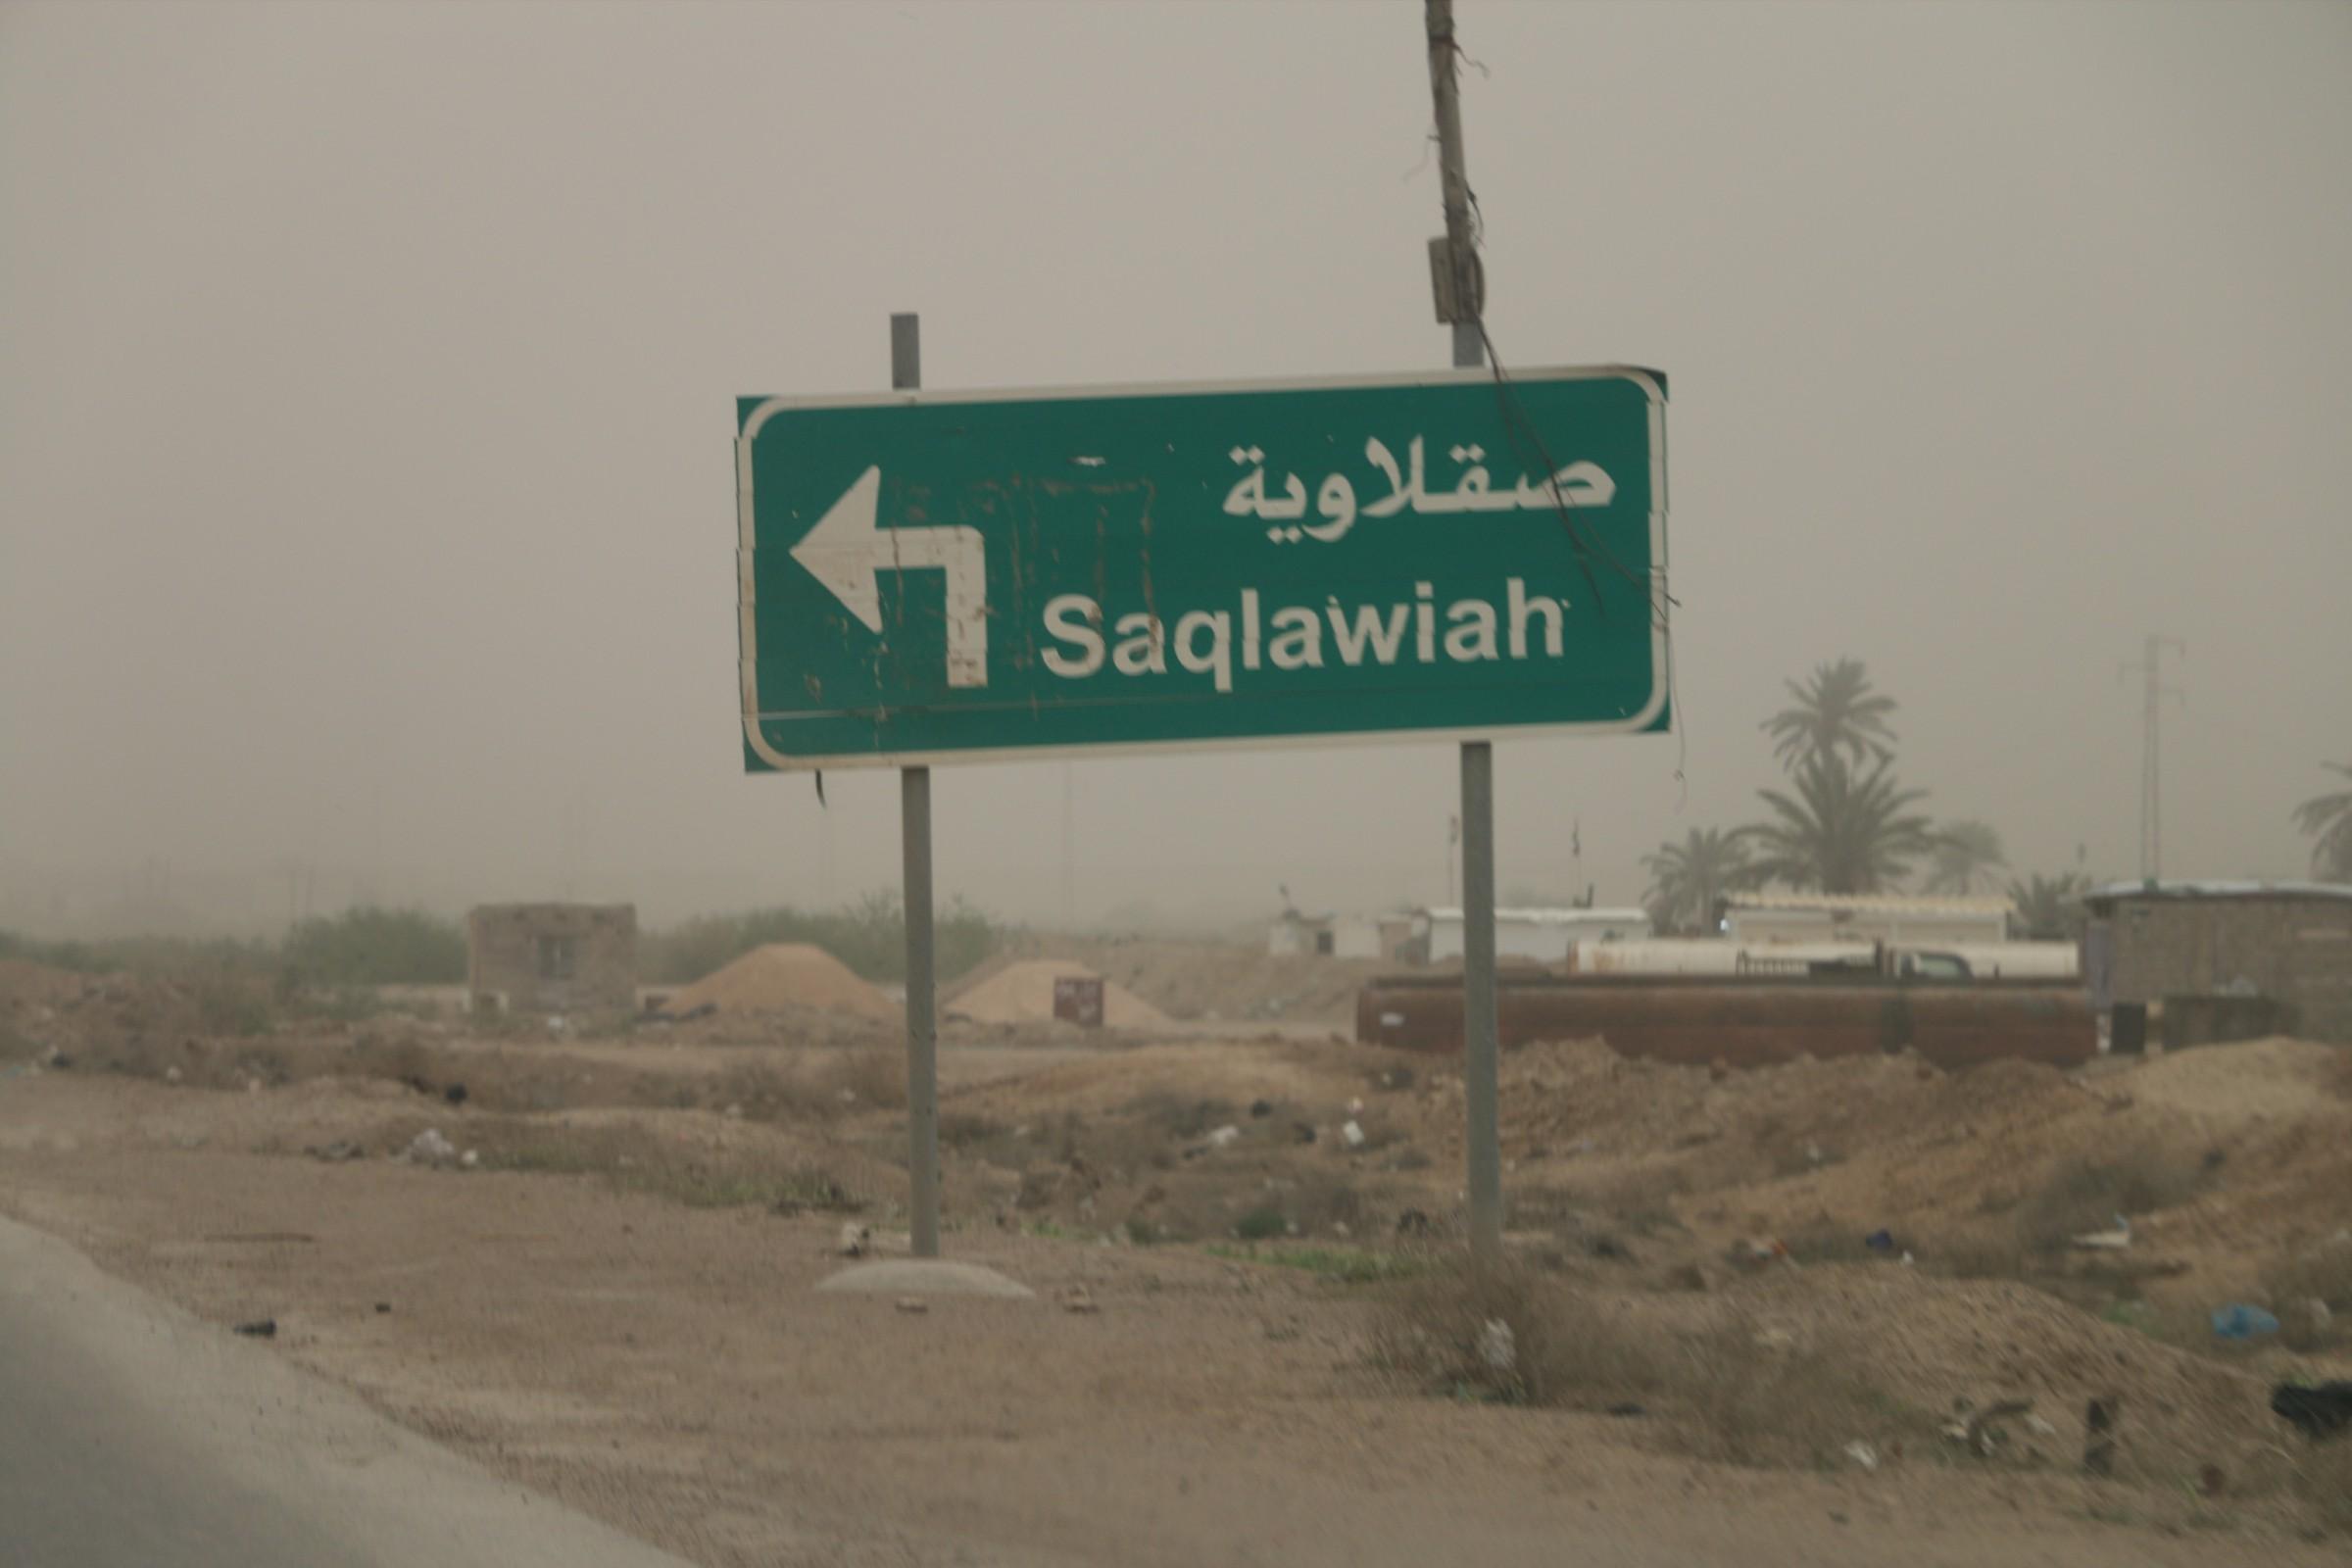 مسؤول محلي يعلن الاتفاق على إدراج اعمار جسر الصقلاوية بمنحة البنك الدولي